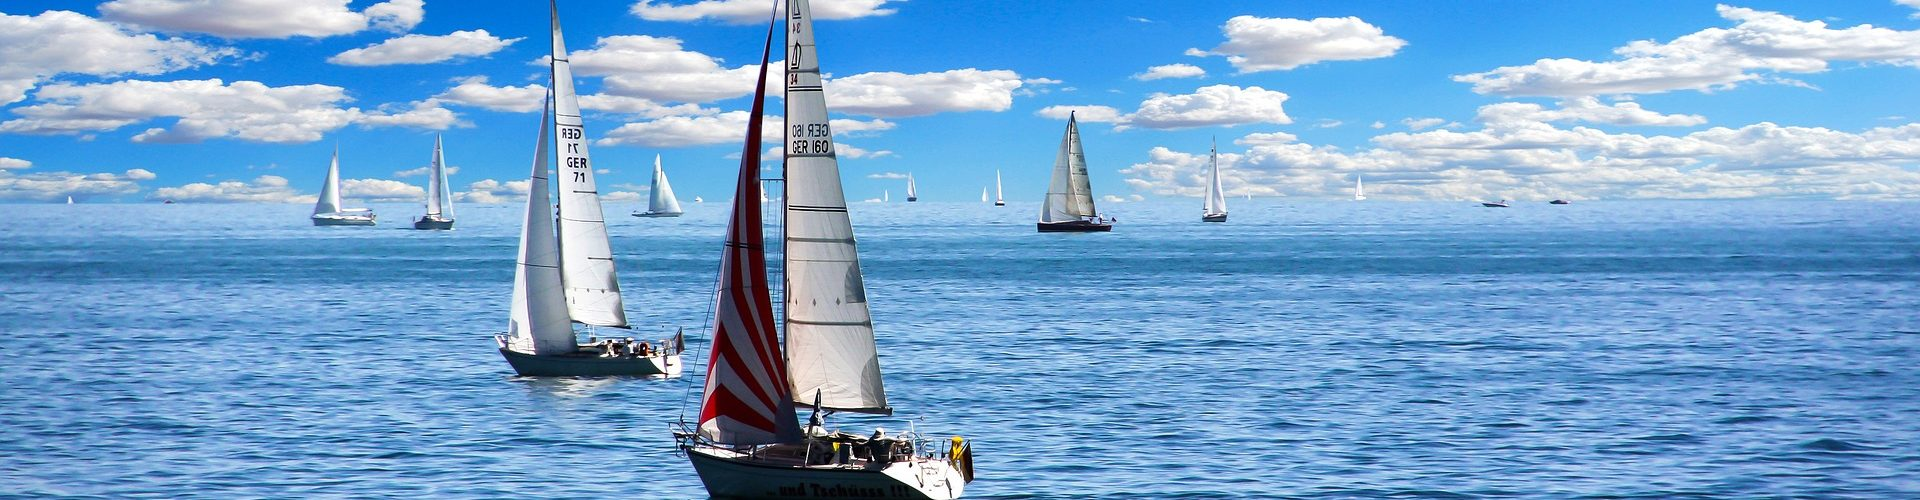 segeln lernen in Alt Mölln segelschein machen in Alt Mölln 1920x500 - Segeln lernen in Alt Mölln